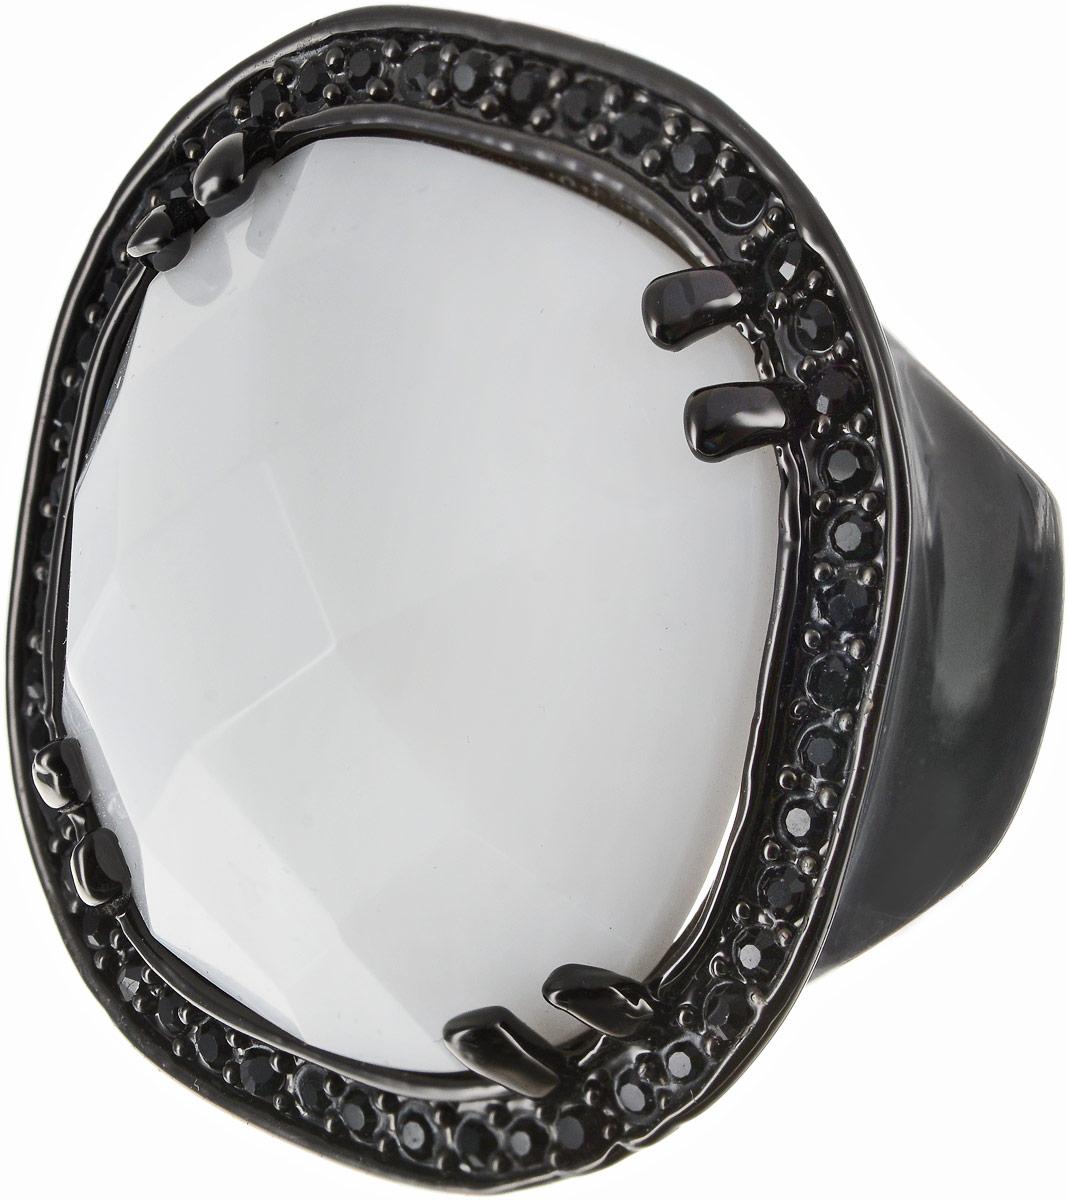 Кольцо Art-Silver, цвет: черный, белый. 360-1283. Размер 18Коктейльное кольцоОригинальное кольцо Art-Silver выполнено из бижутерного сплава с гальваническим покрытием. Кольцо украшено декоративными вставками.Элегантное кольцо Art-Silver превосходно дополнит ваш образ и подчеркнет отменное чувство стиля своей обладательницы.